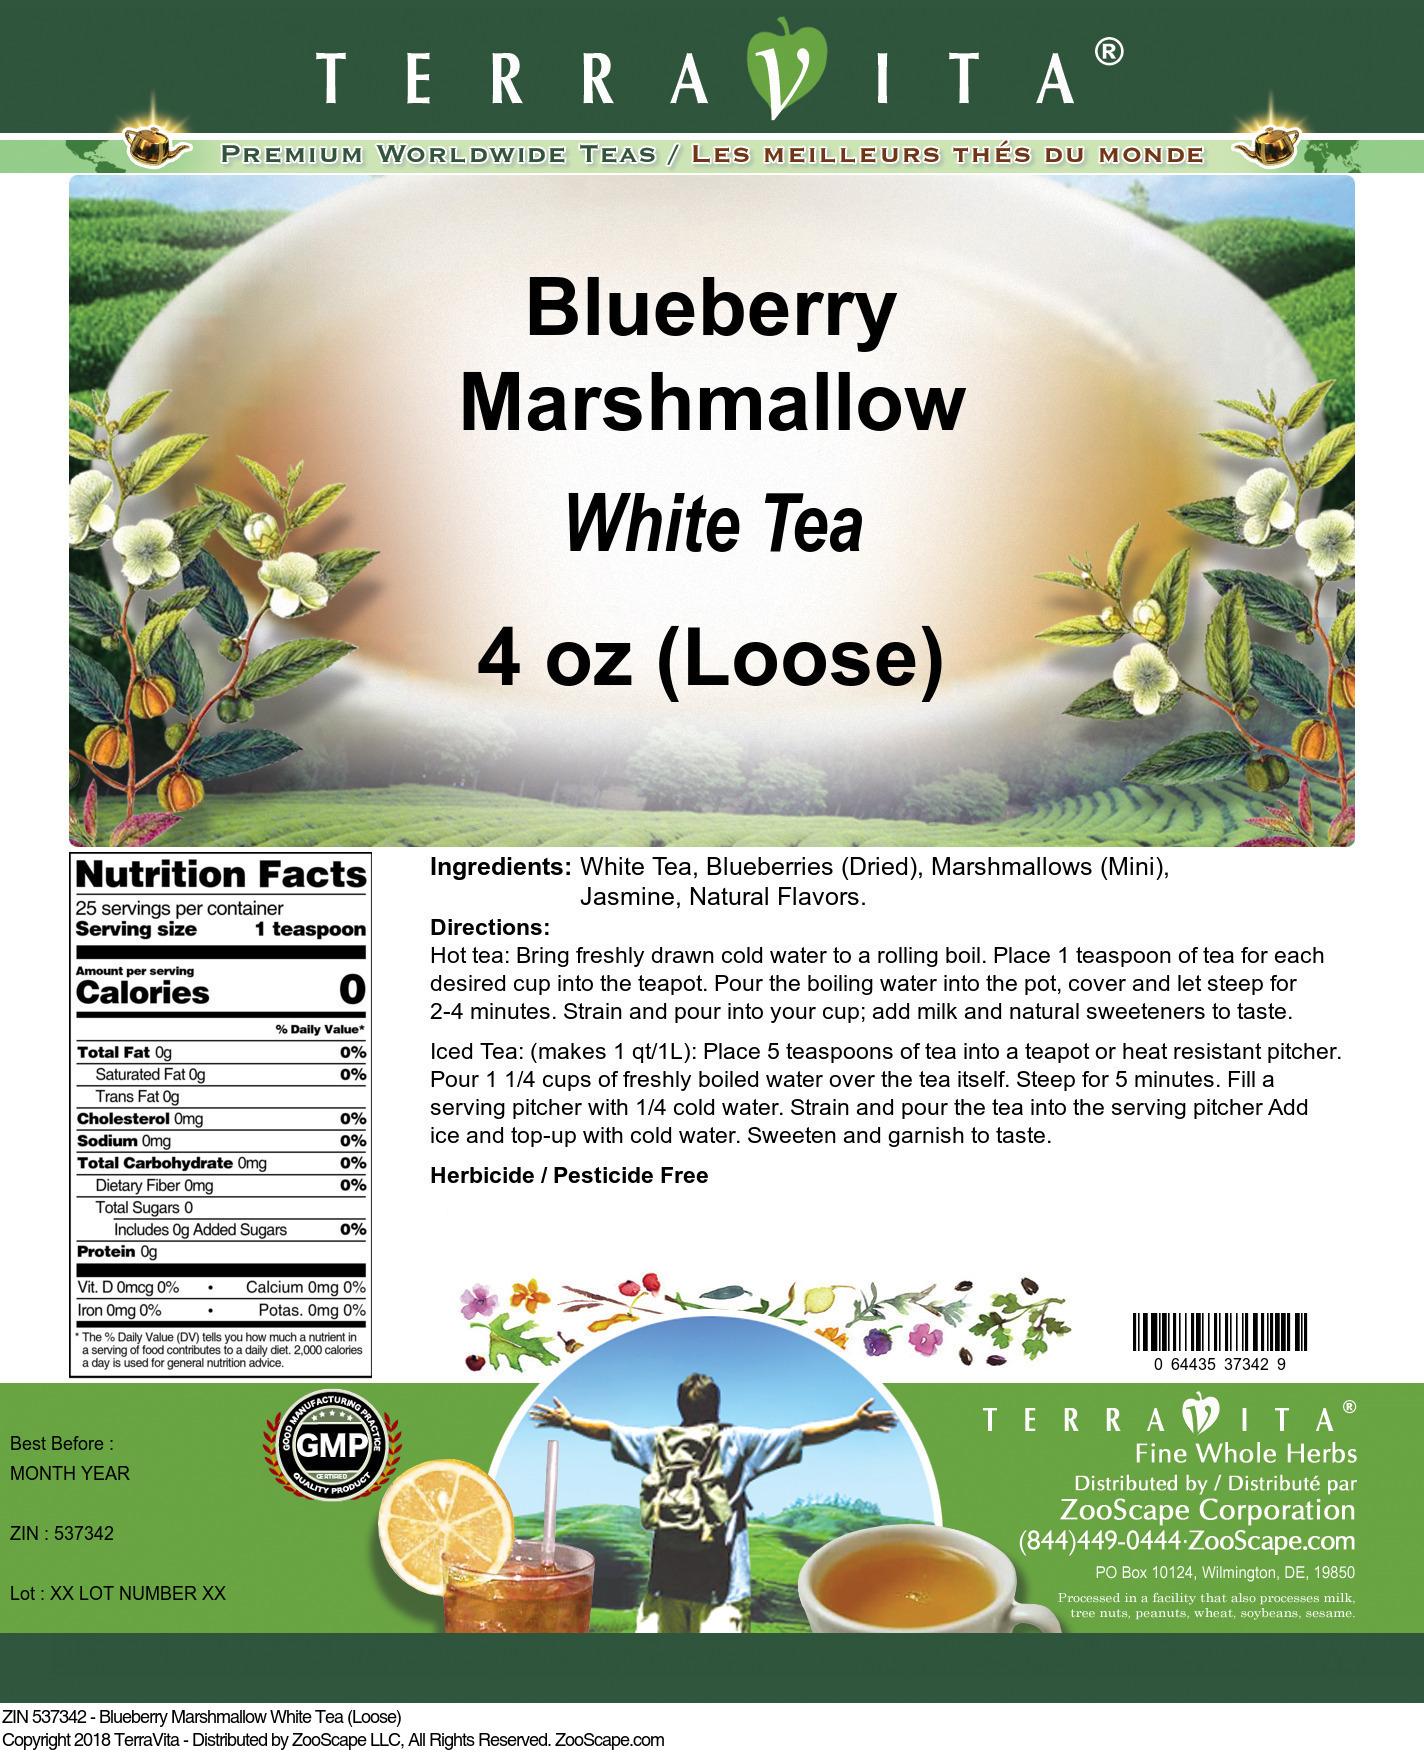 Blueberry Marshmallow White Tea